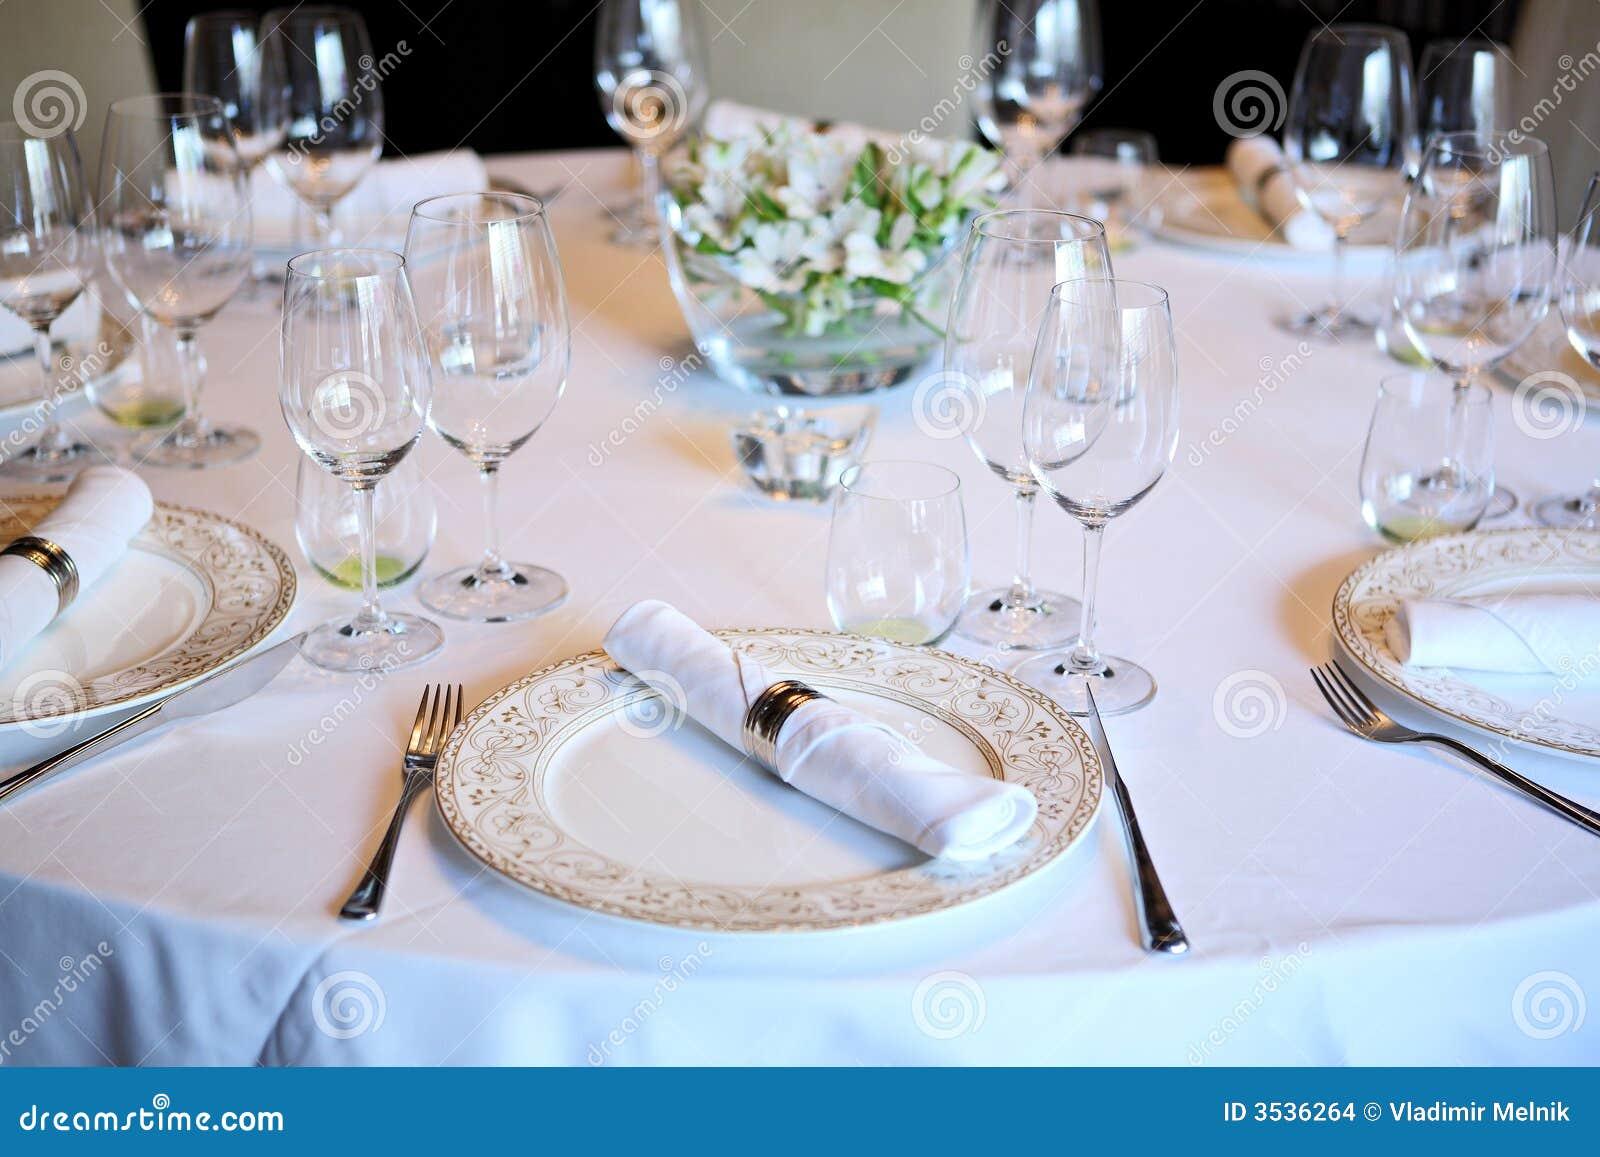 La table de fantaisie a placé pour un dîner